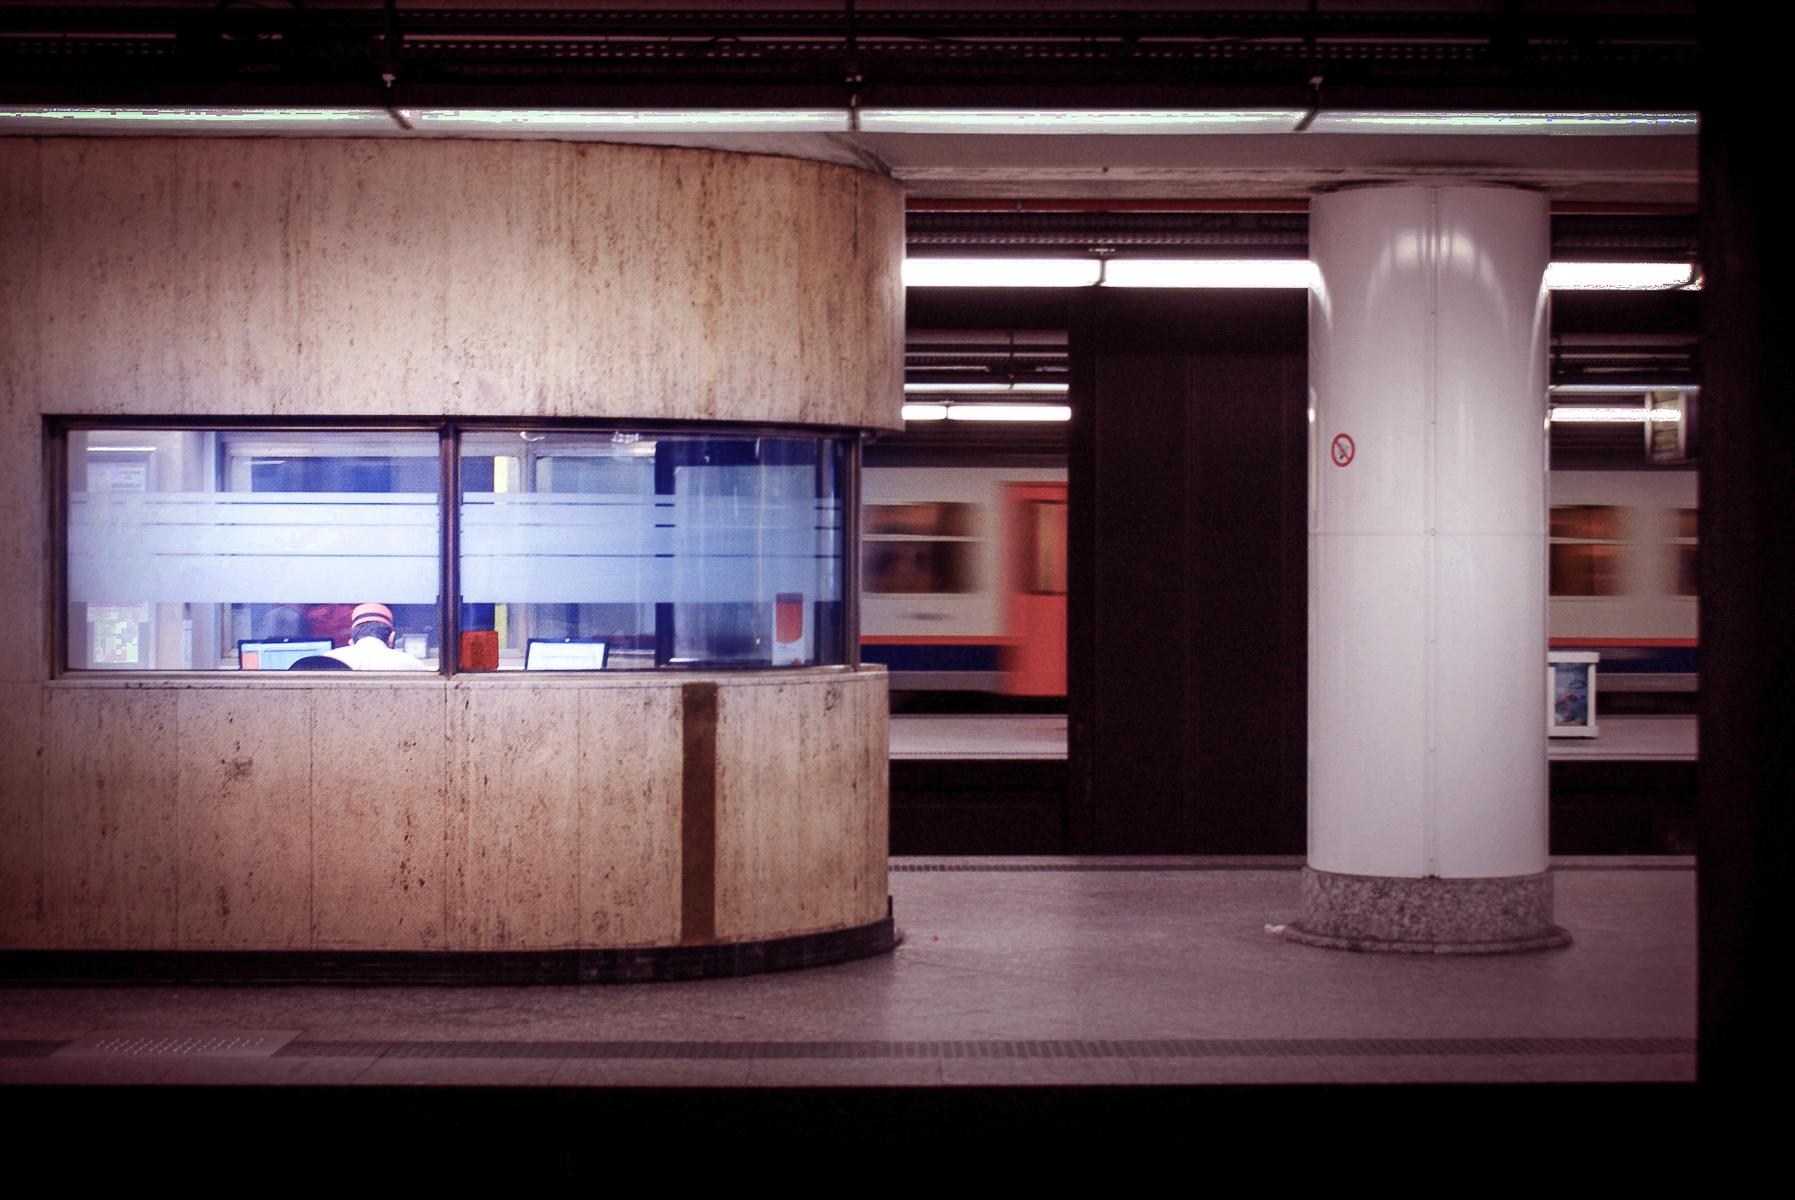 Shift de soir  . Photo par Raphaël Thibodeau